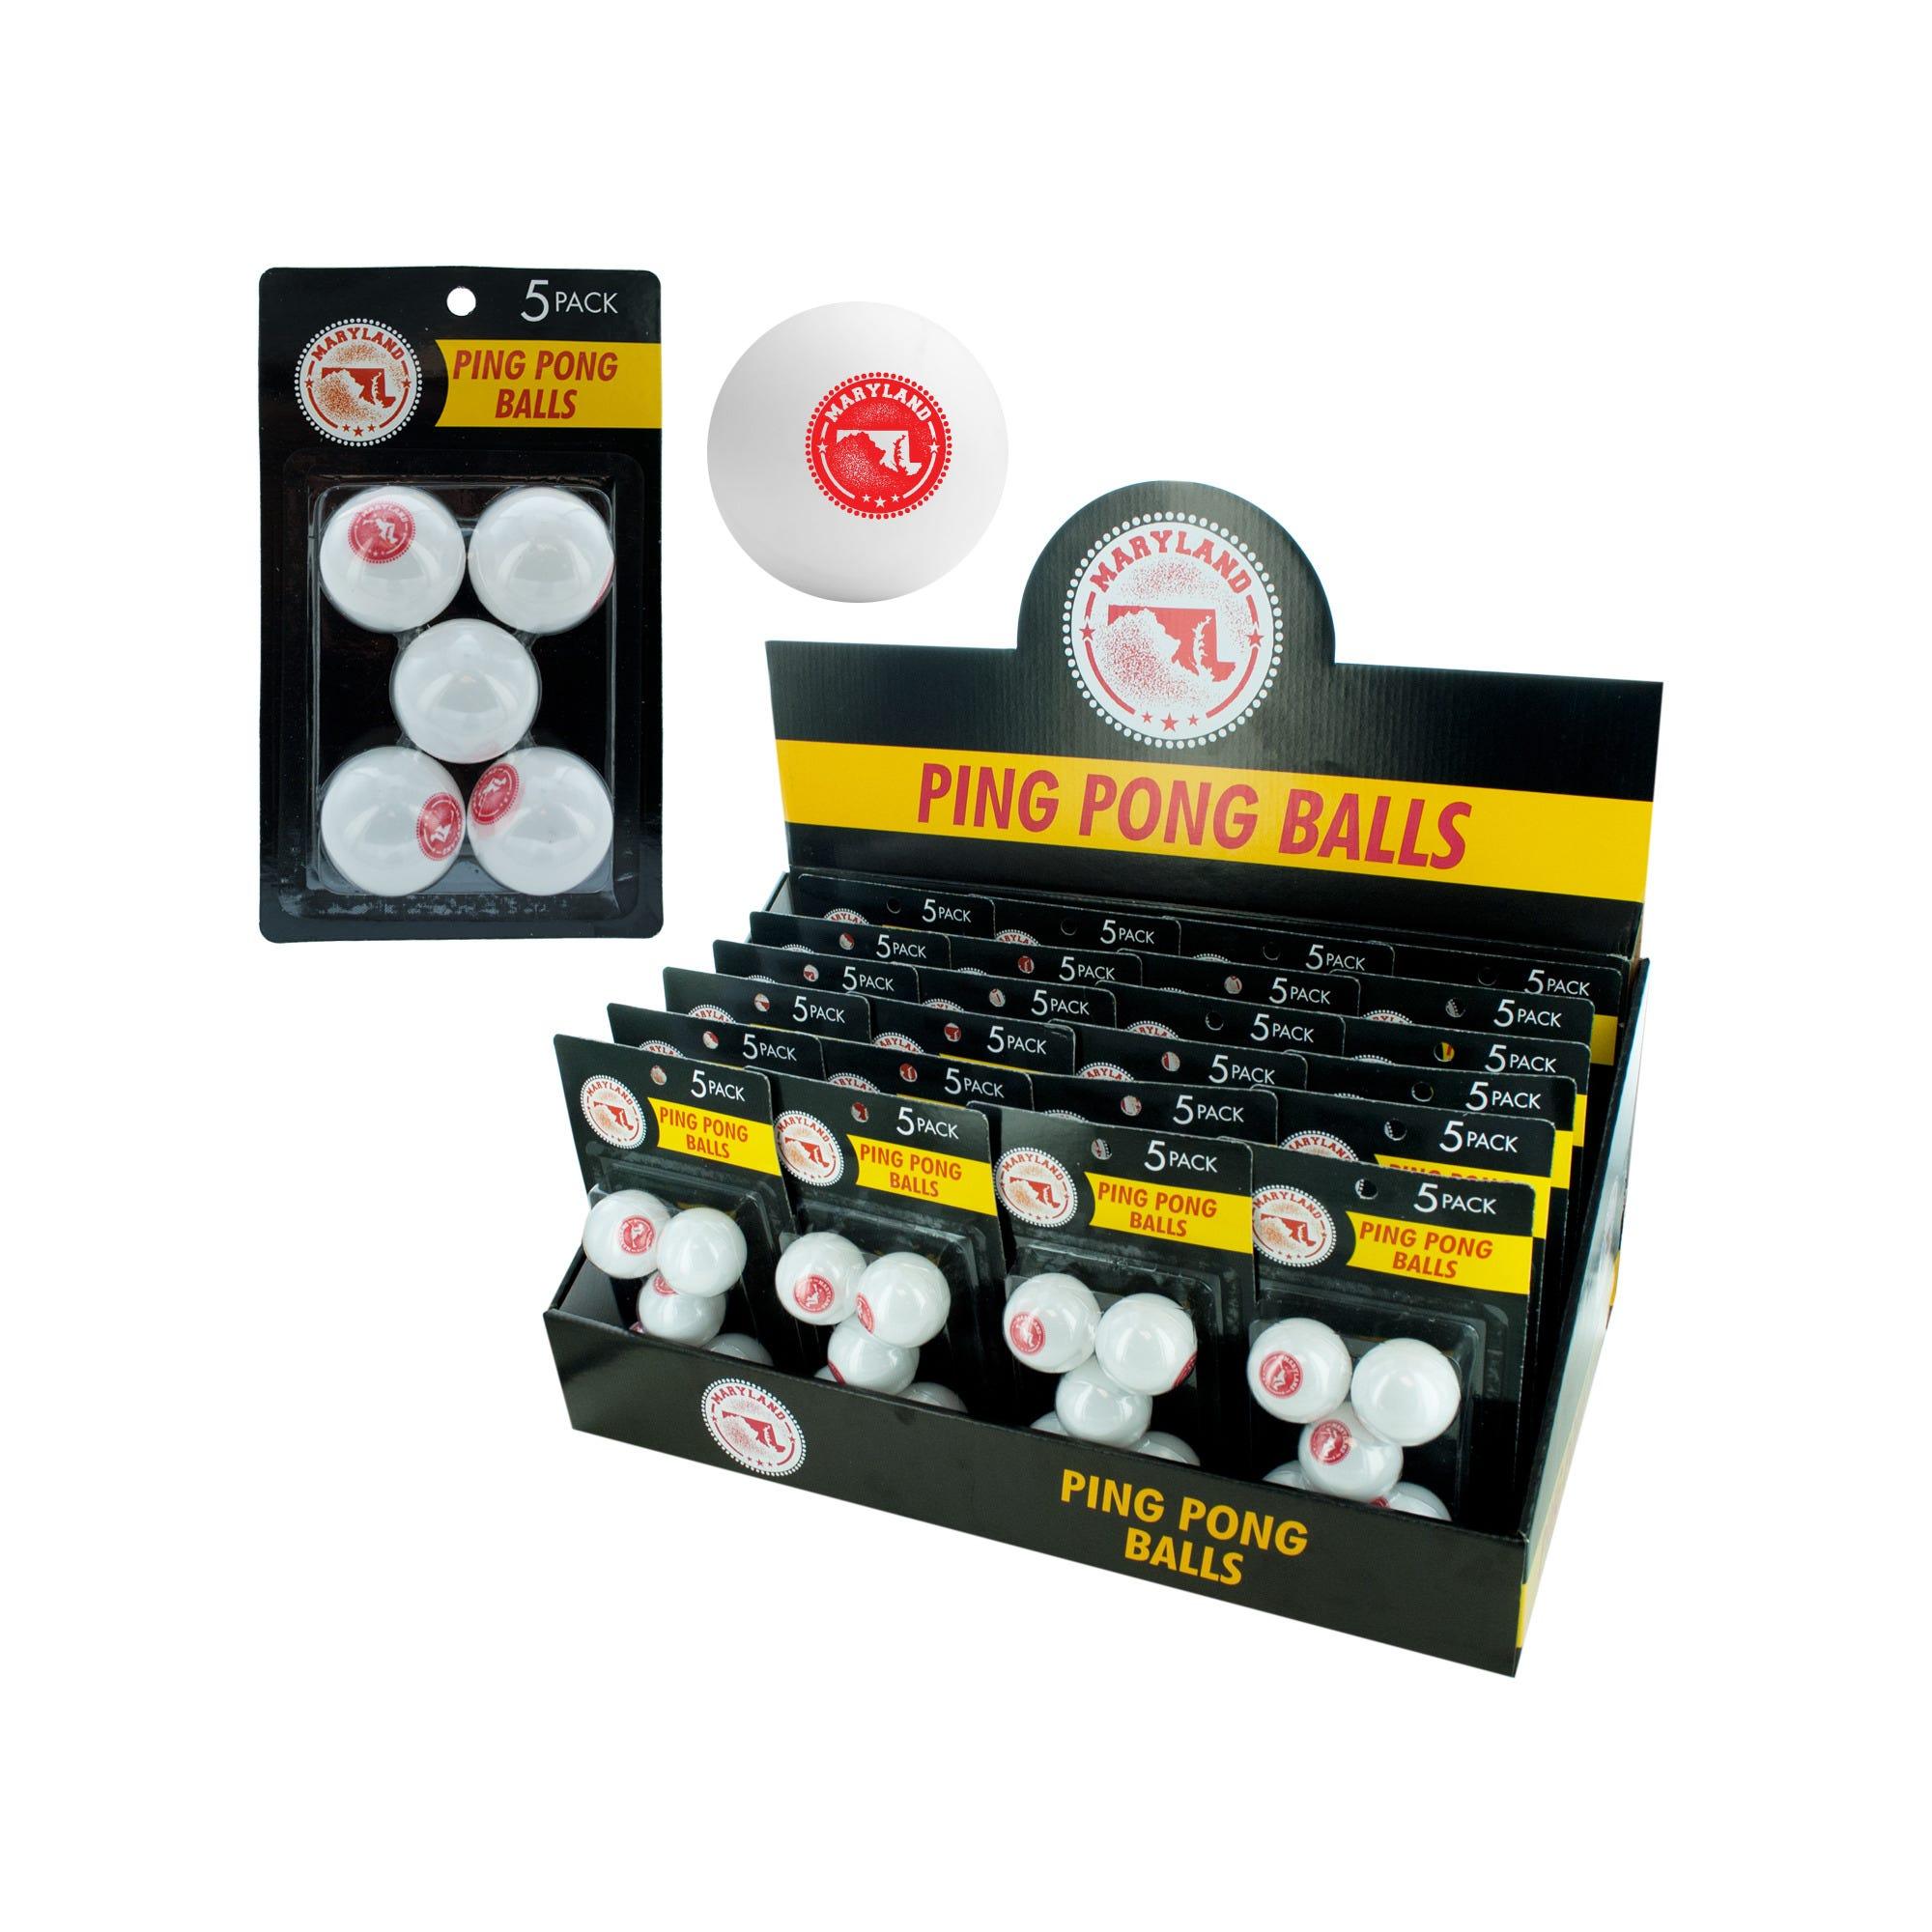 Maryland PING PONG Ball Countertop Display- Qty 24